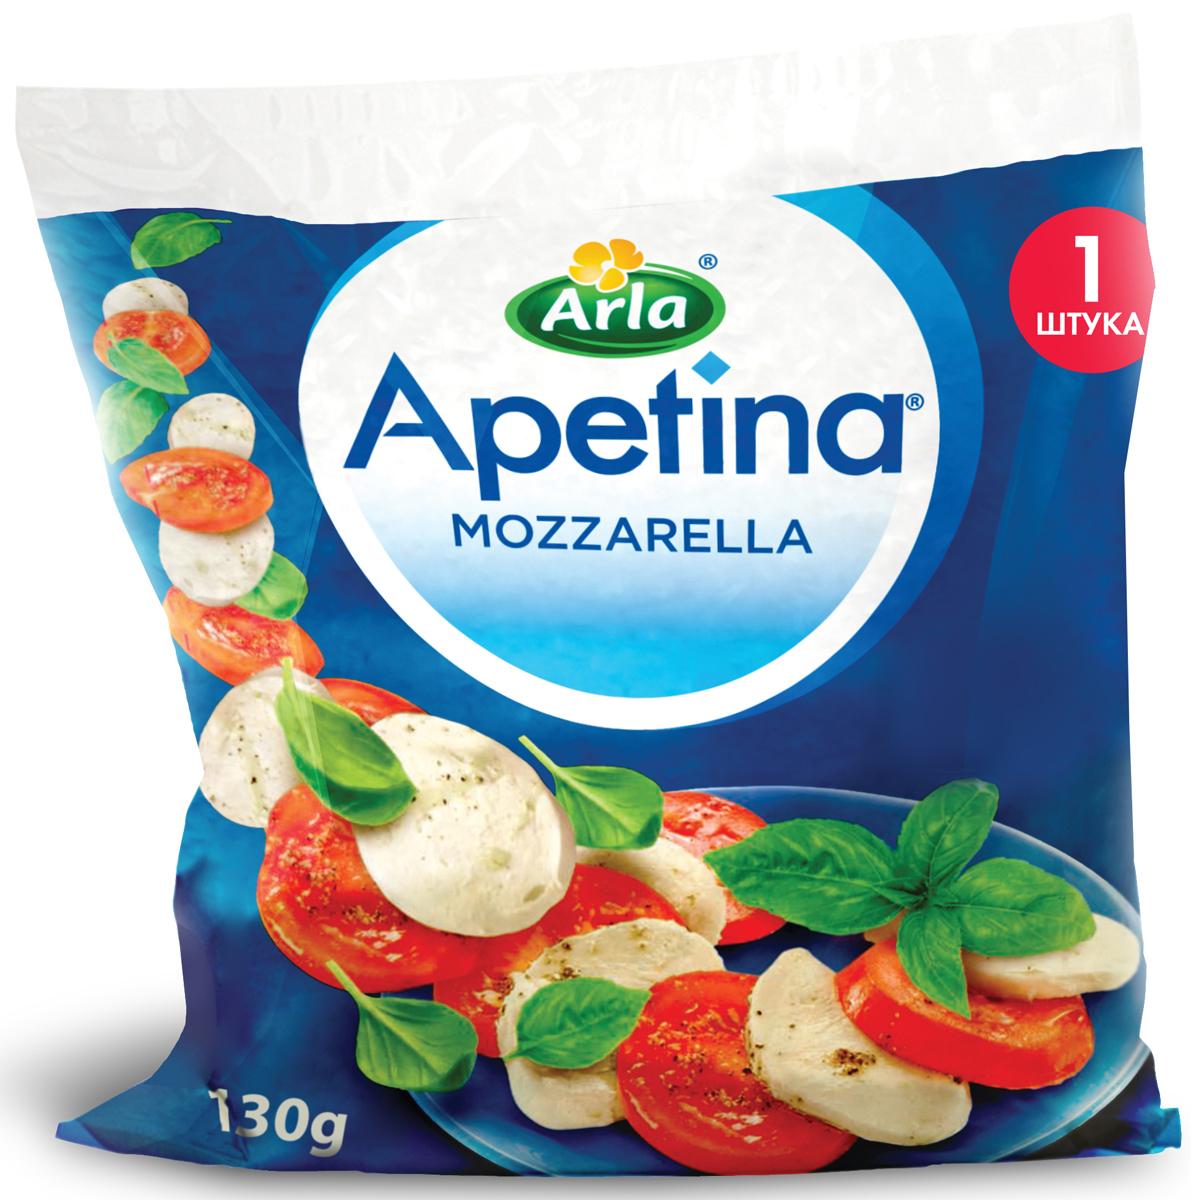 Arla Apetina Сыр Моцарелла, 45%, 130 г60972Свежая моцарелла Arla Apetina изготавливается по традиционному итальянскому рецепту. Идеально подходит для приготовления пиццы и салатов!